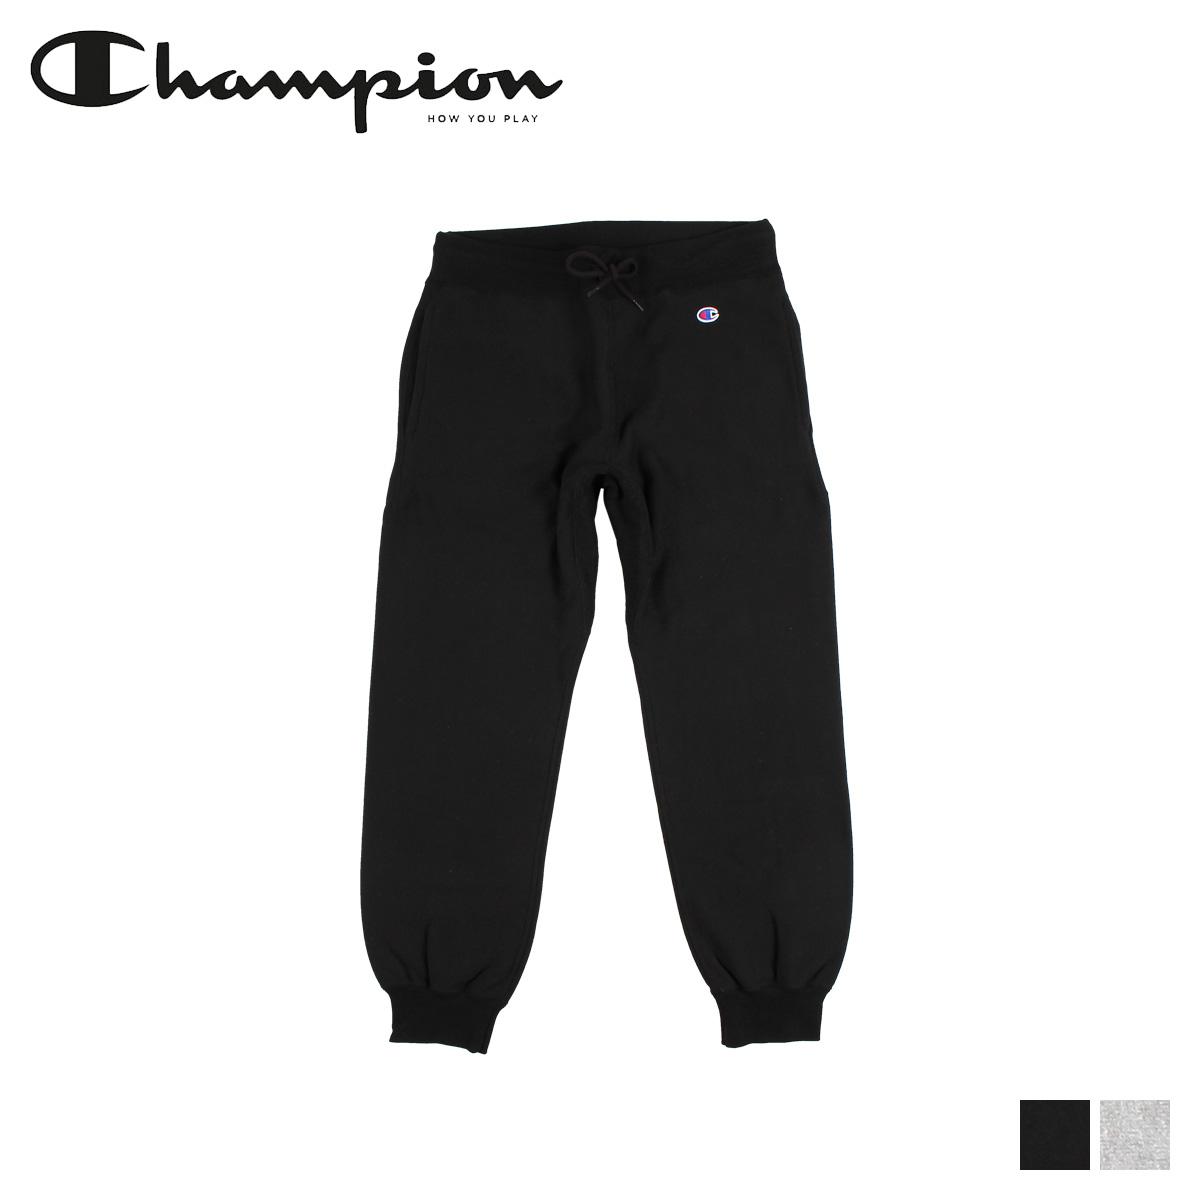 Champion チャンピオン スウェット パンツ リバースウィーブ メンズ REVERSE WEAVE SWEATPANT ブラック グレー 黒 C3-N290